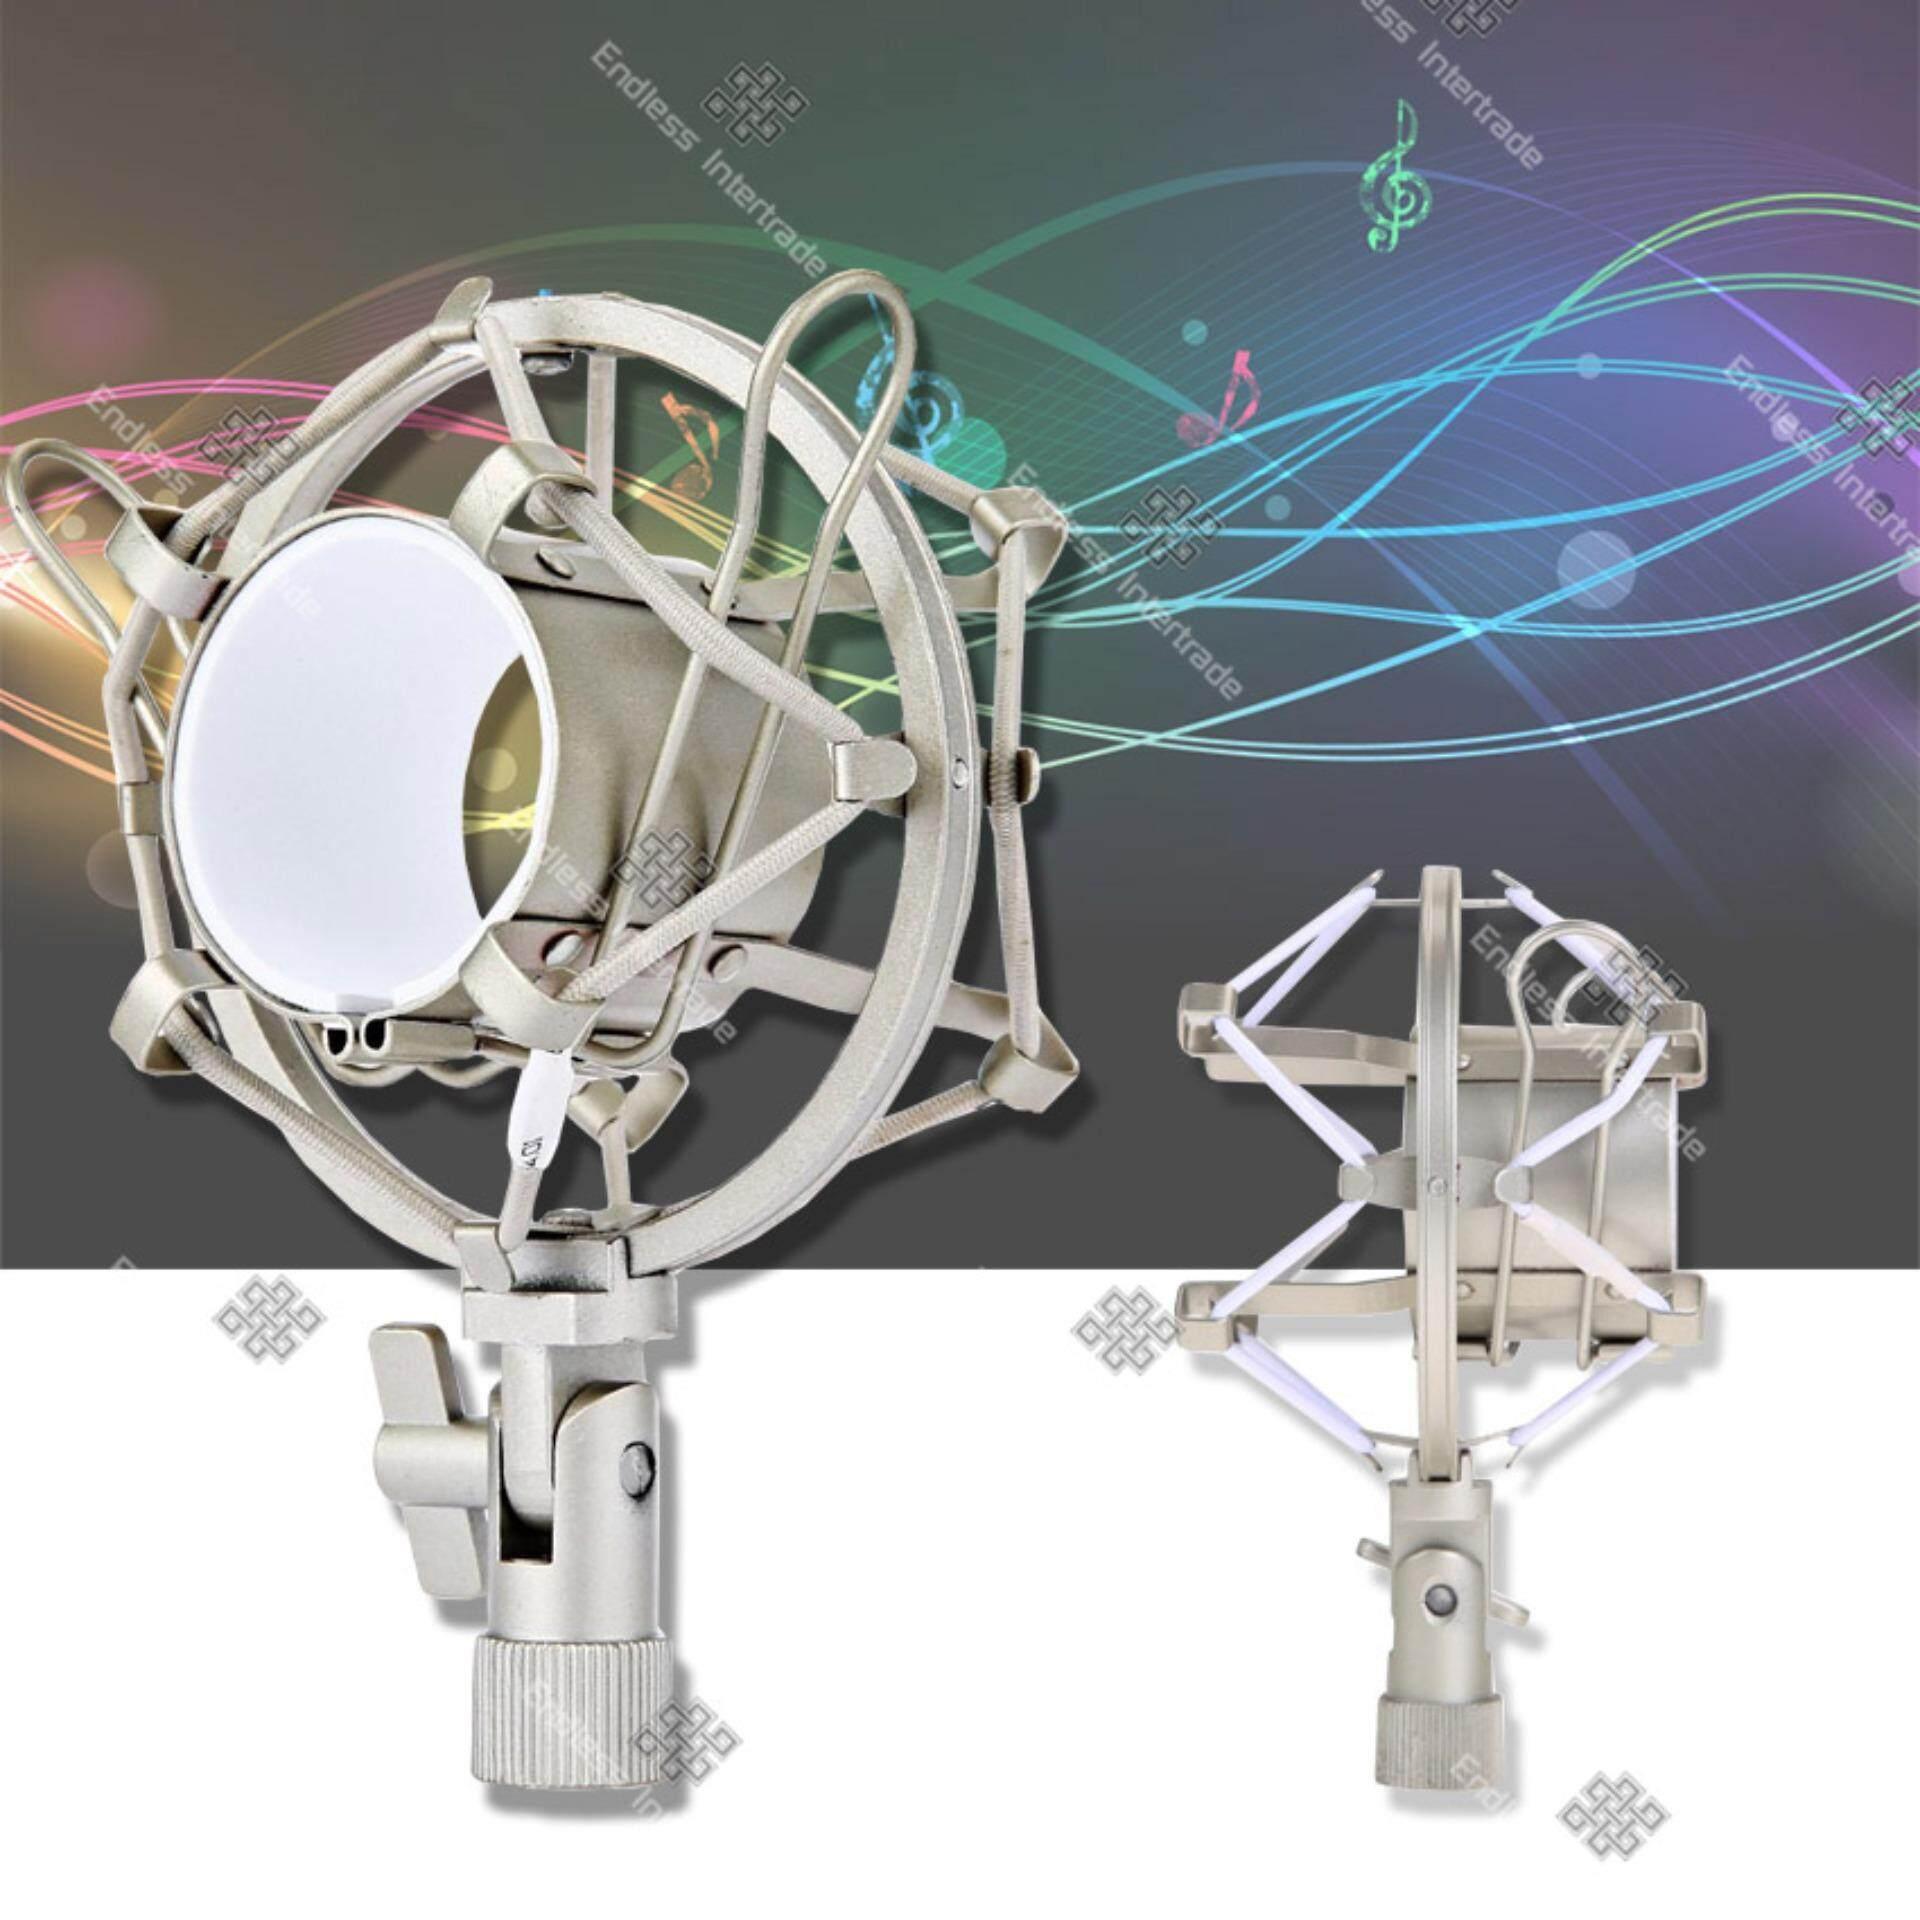 ซื้อ Sinlin Silver Microphone Mic Shock Mount อุปกรณ์ป้องกันเสียงรบกวน ป้องกันการสั่นสะเทือน ขณะอัดเสียง รุ่น Smh460 We Sinlin ถูก